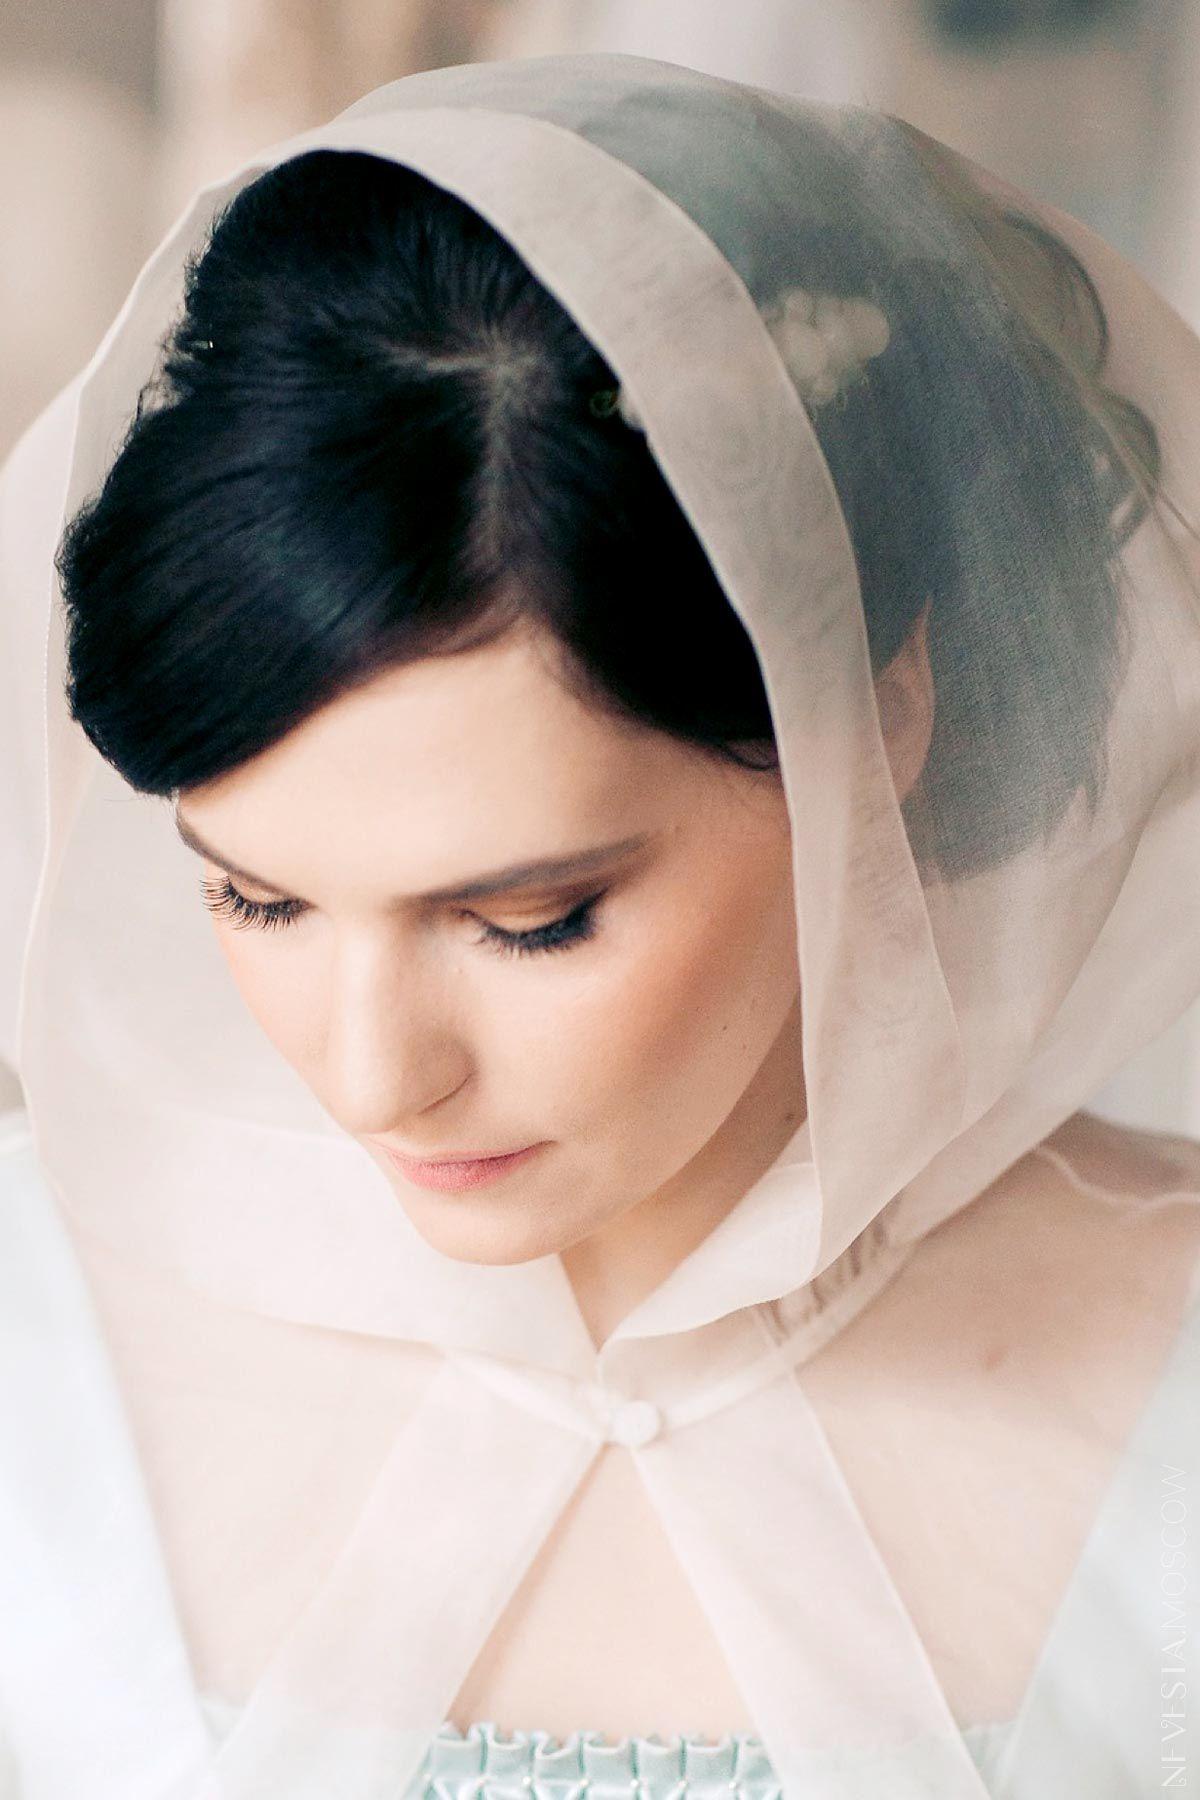 макияж и прическа от стилиста Мария Лесовая